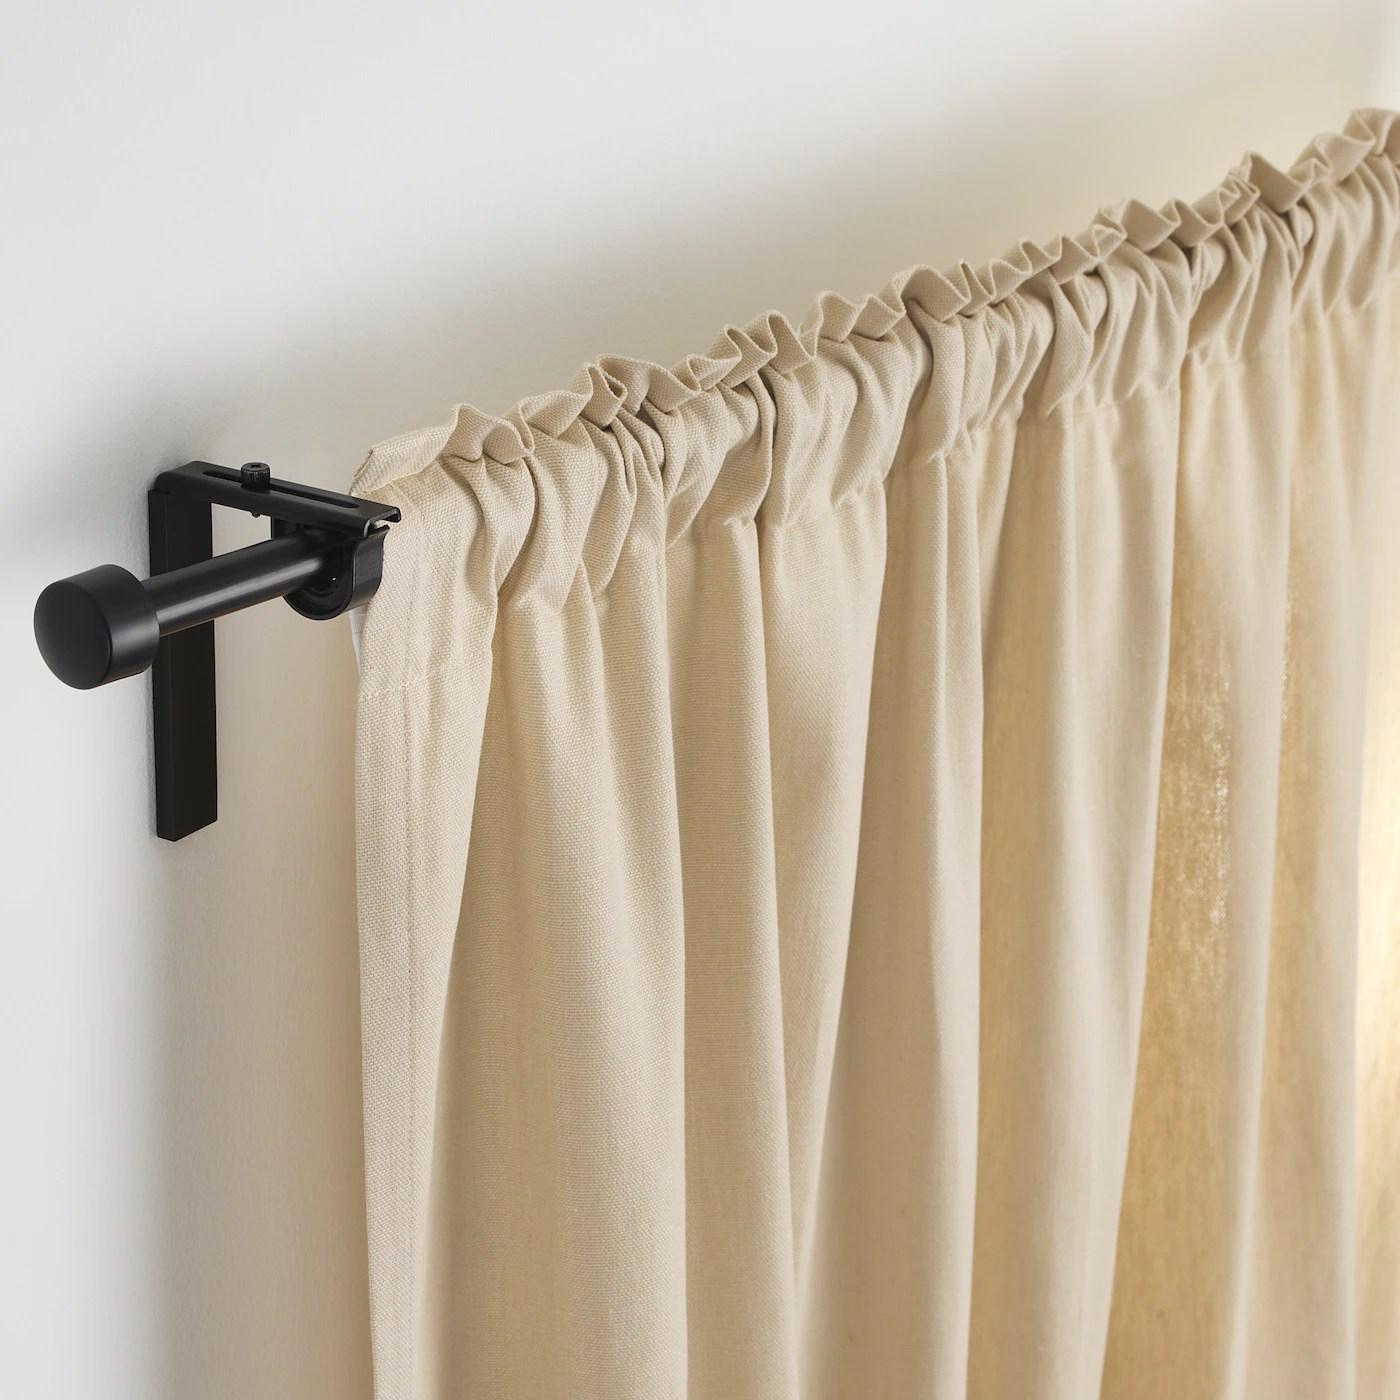 racka curtain rod black 83 152